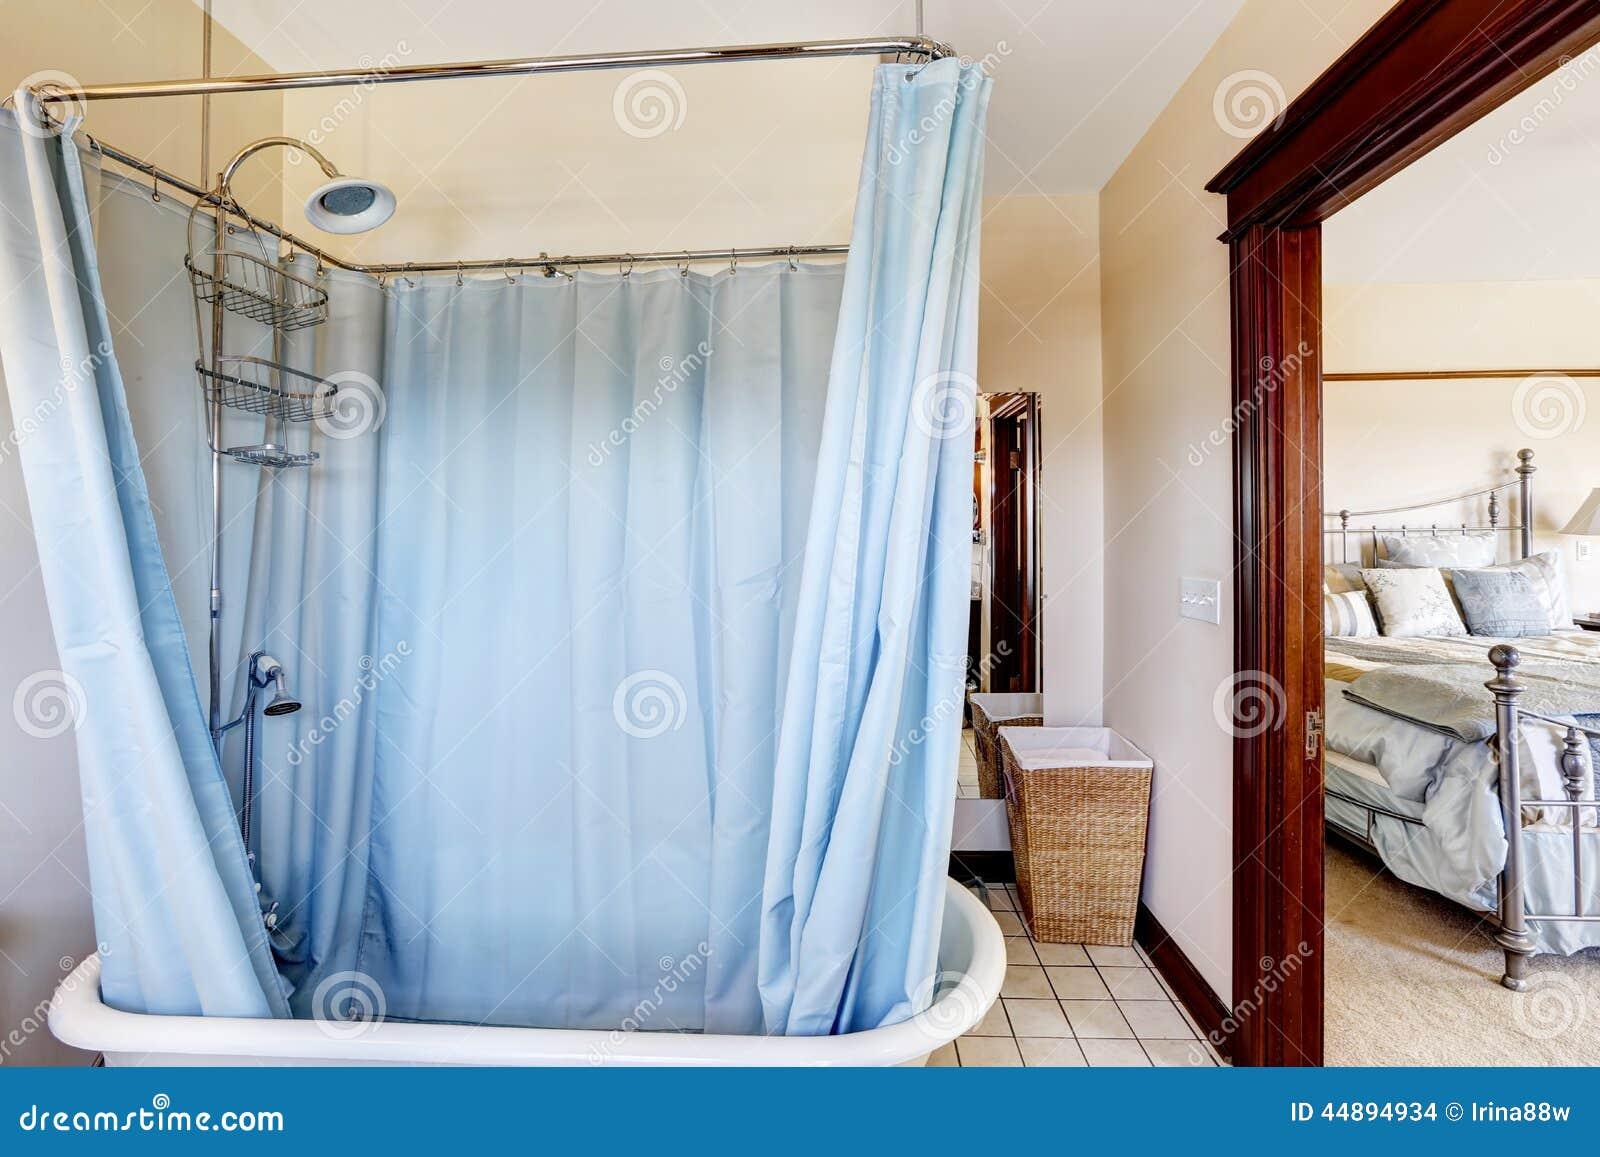 Cuarto de ba o con la tina de ba o y la cortina azul - Tende per vasche da bagno ...